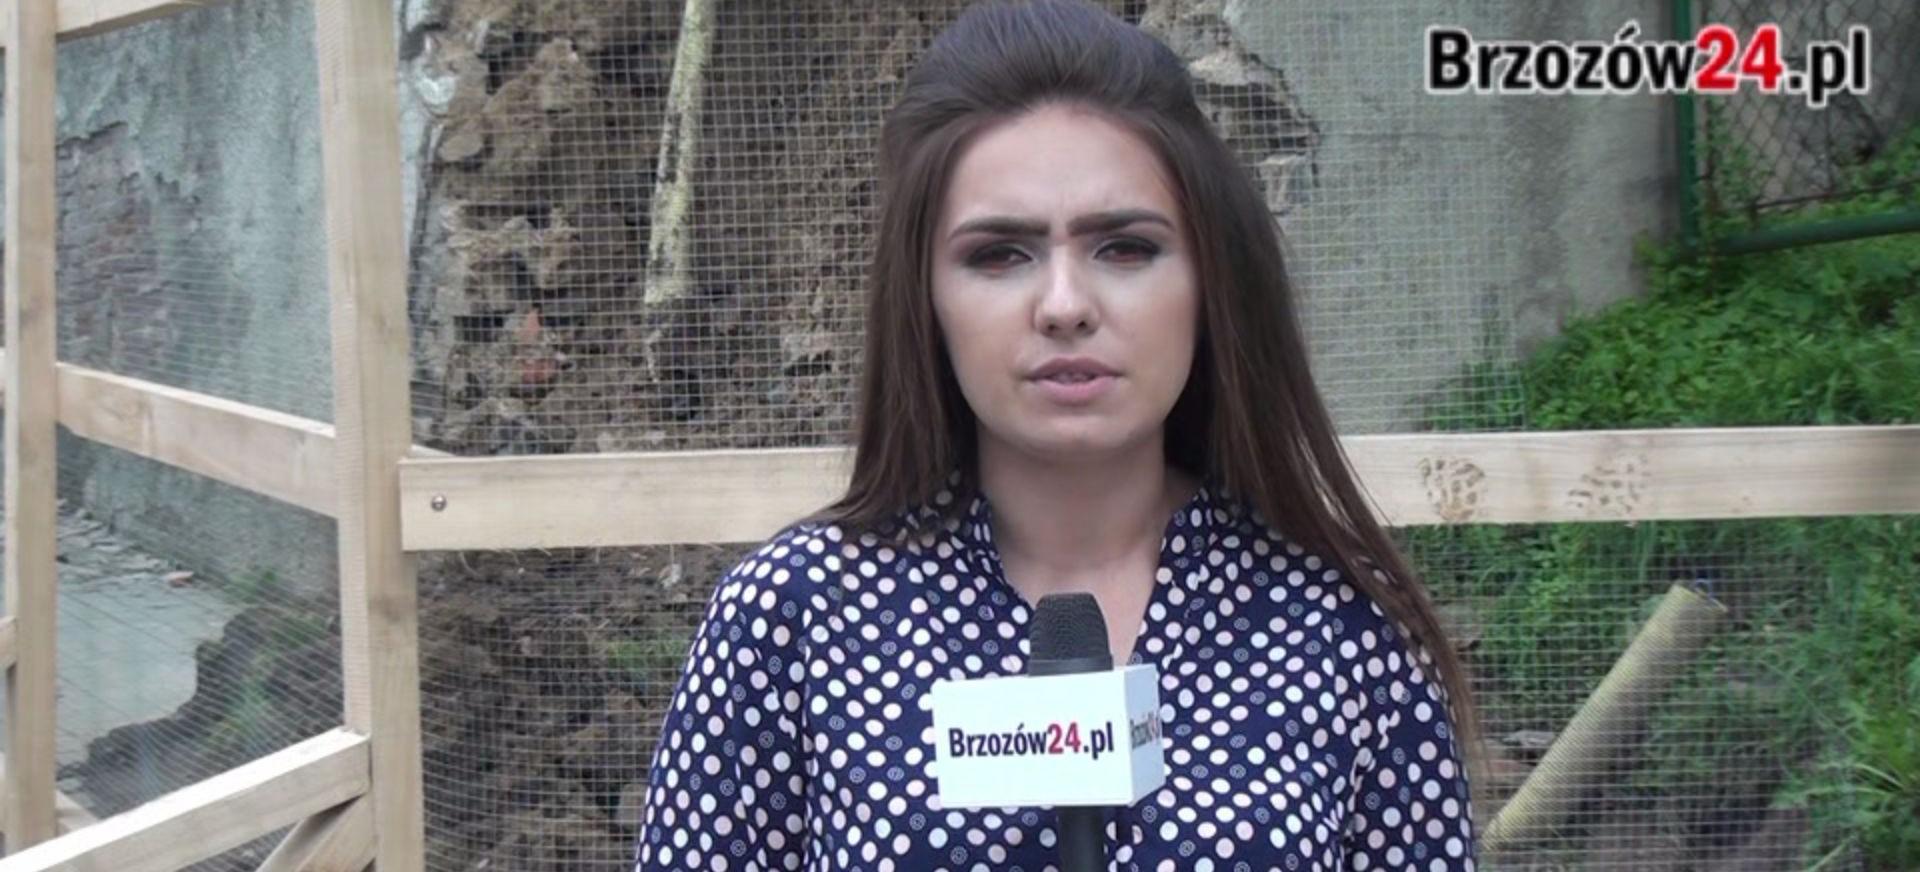 """SONDA: ,,To skandal, że droga była tak długo zamknięta"""". Brzozowski mur w rozsypce (VIDEO)"""